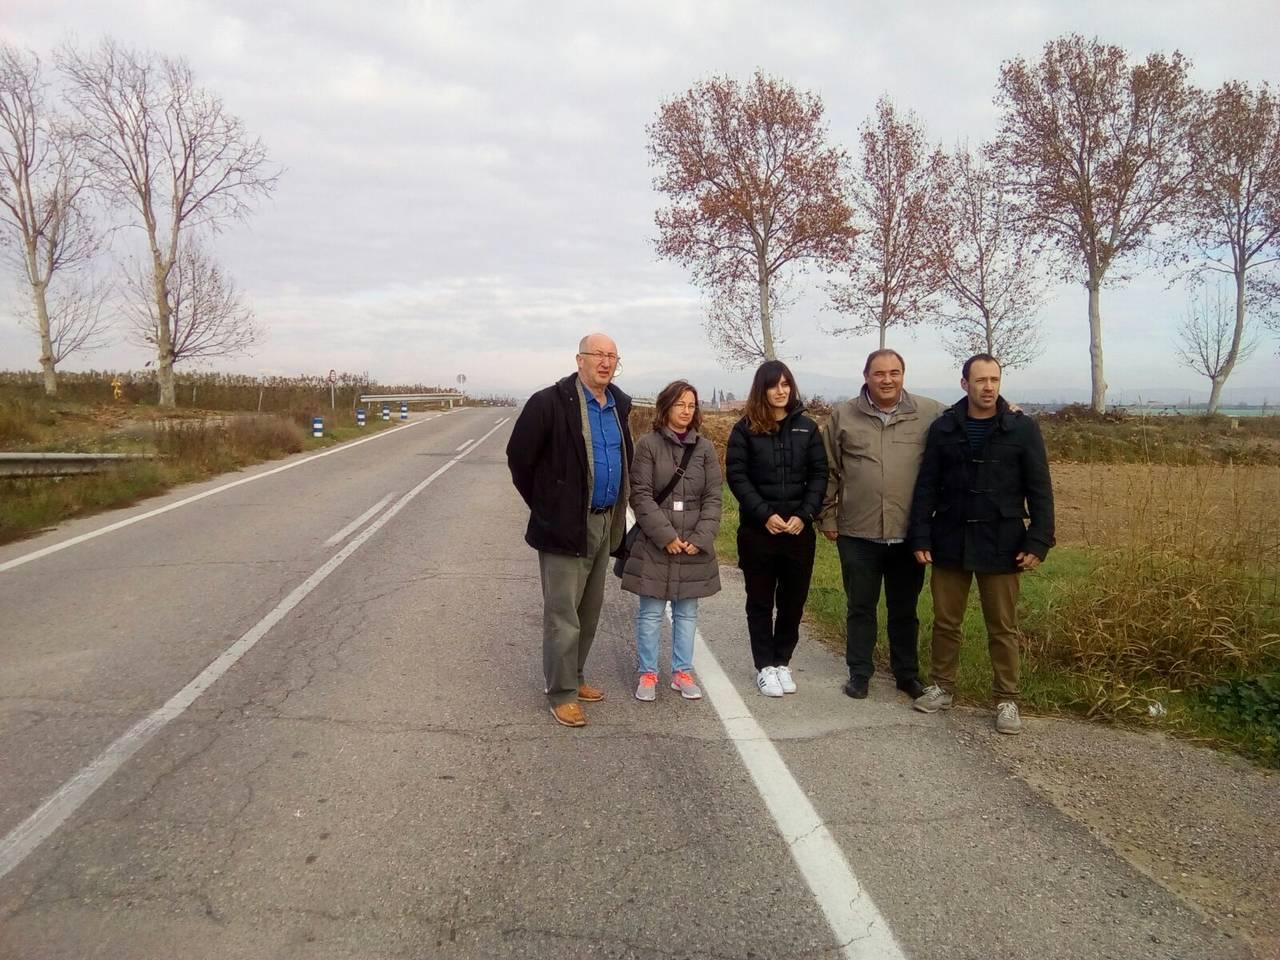 Les obres de millora de la carretera entre Linyola i Bellcaire d'Urgell començaran a finals de 2017